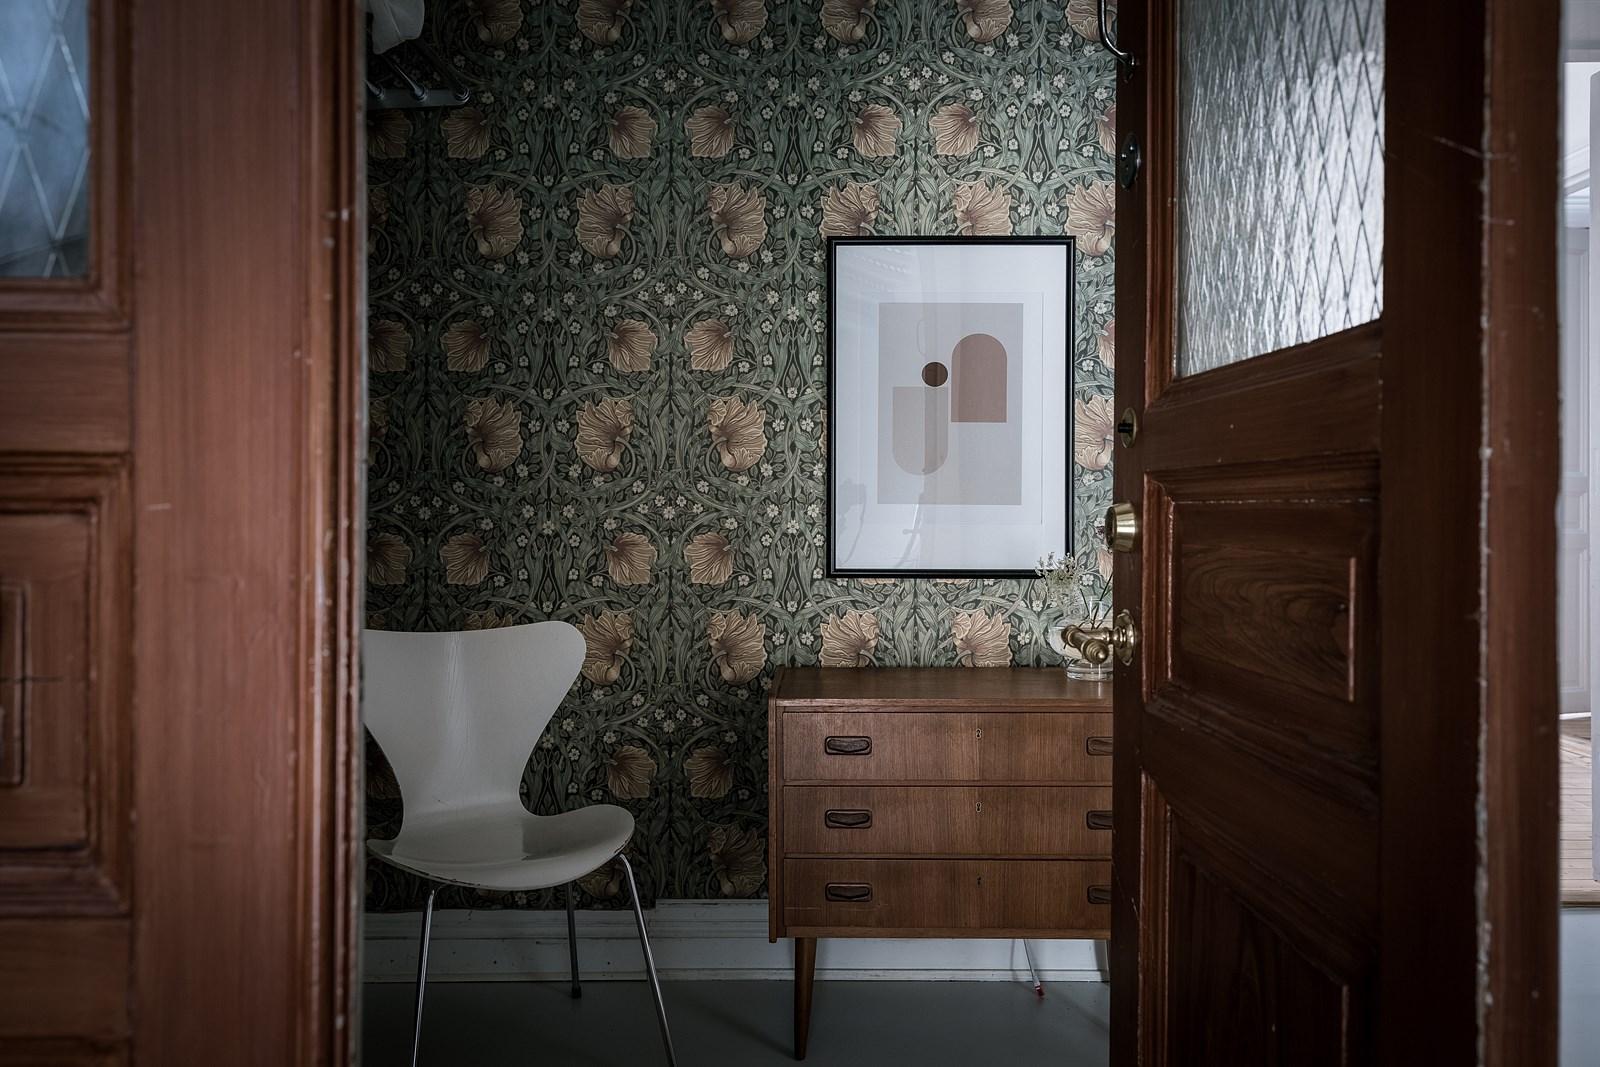 комод картина стул дверь